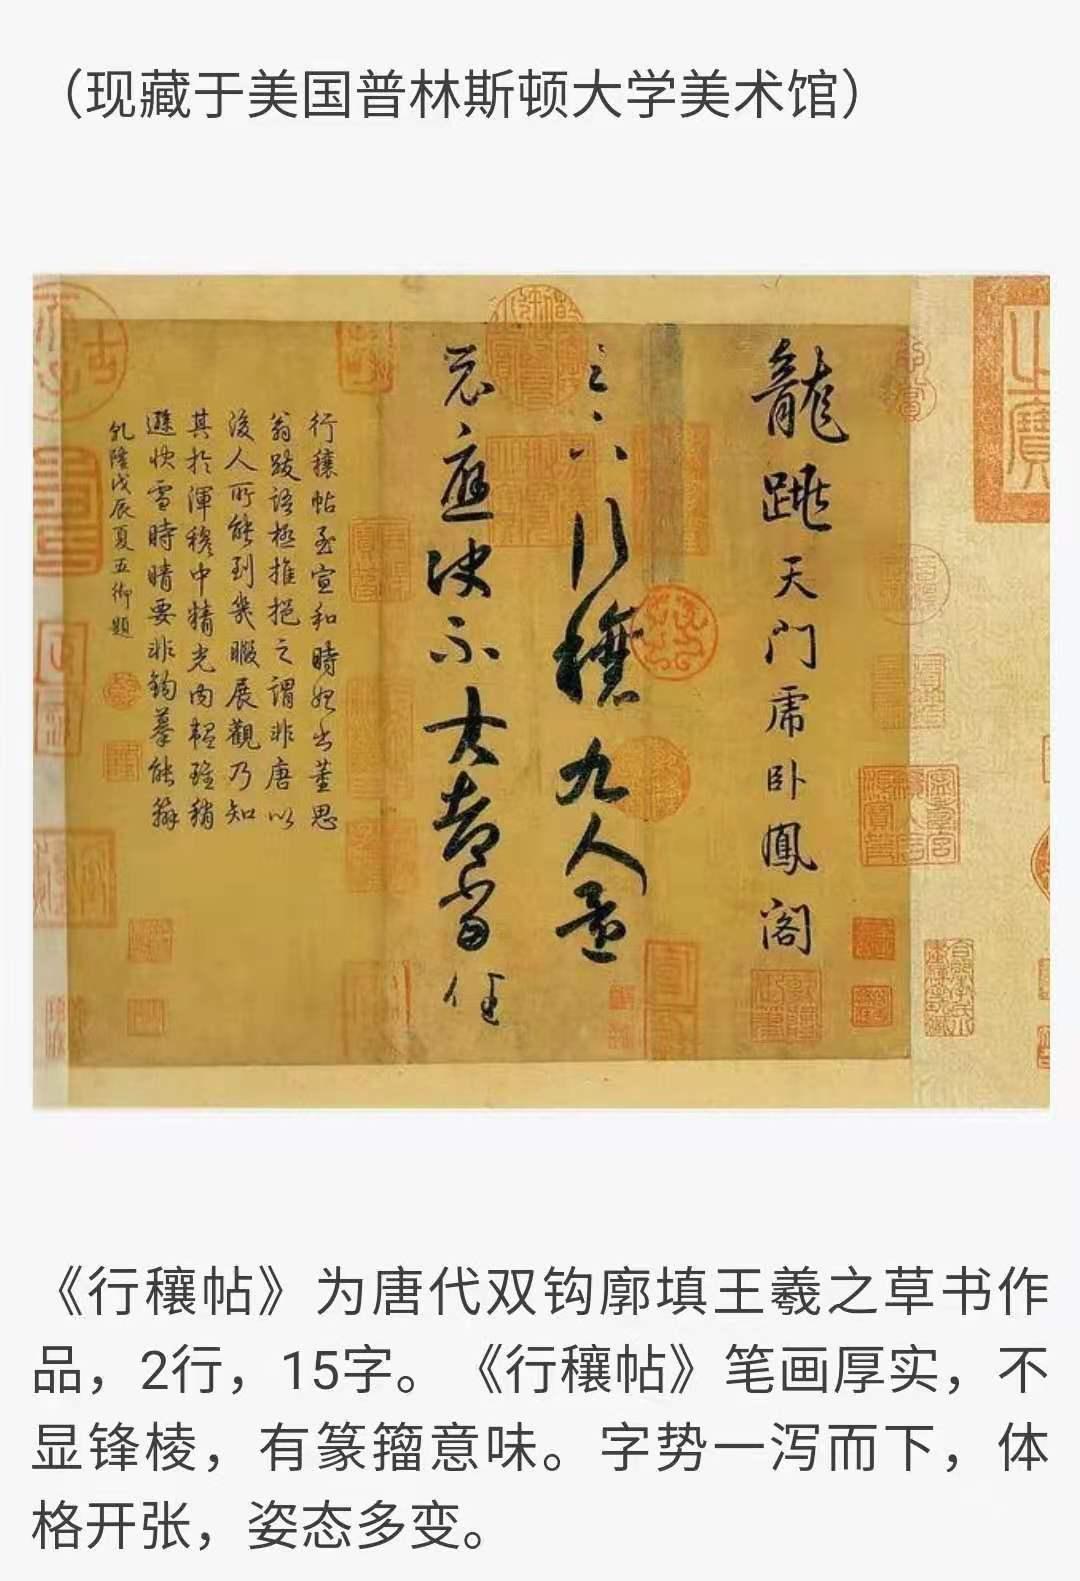 关于对中国文物流失海外的深度思考